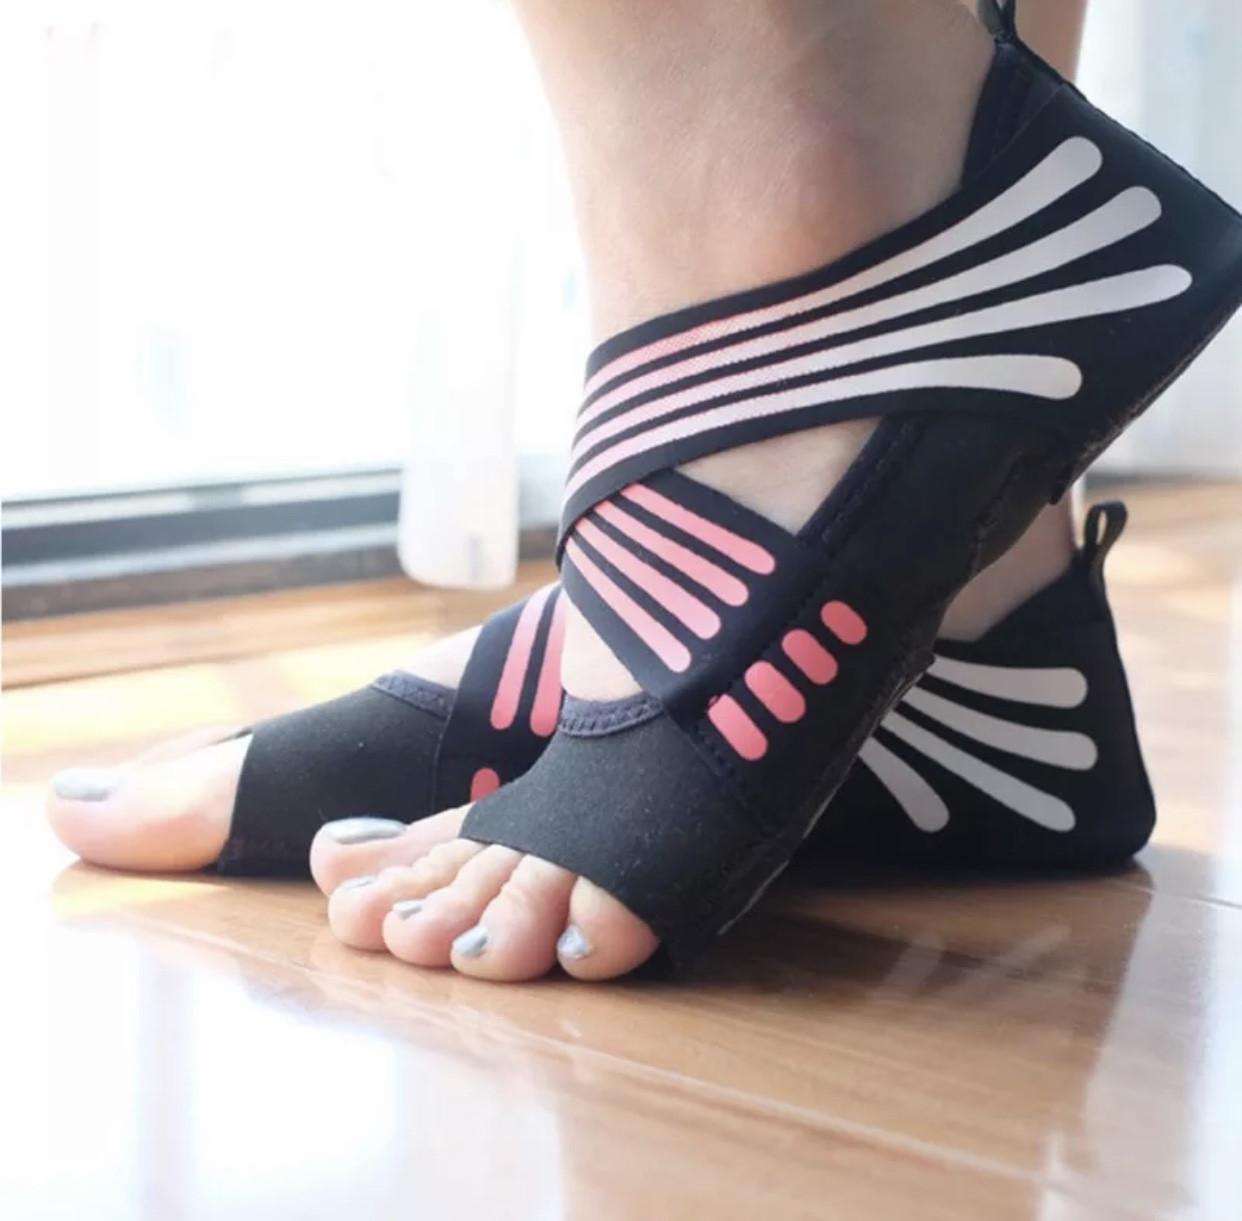 Носки чешки противоскользящие для йоги пилатеса танцев